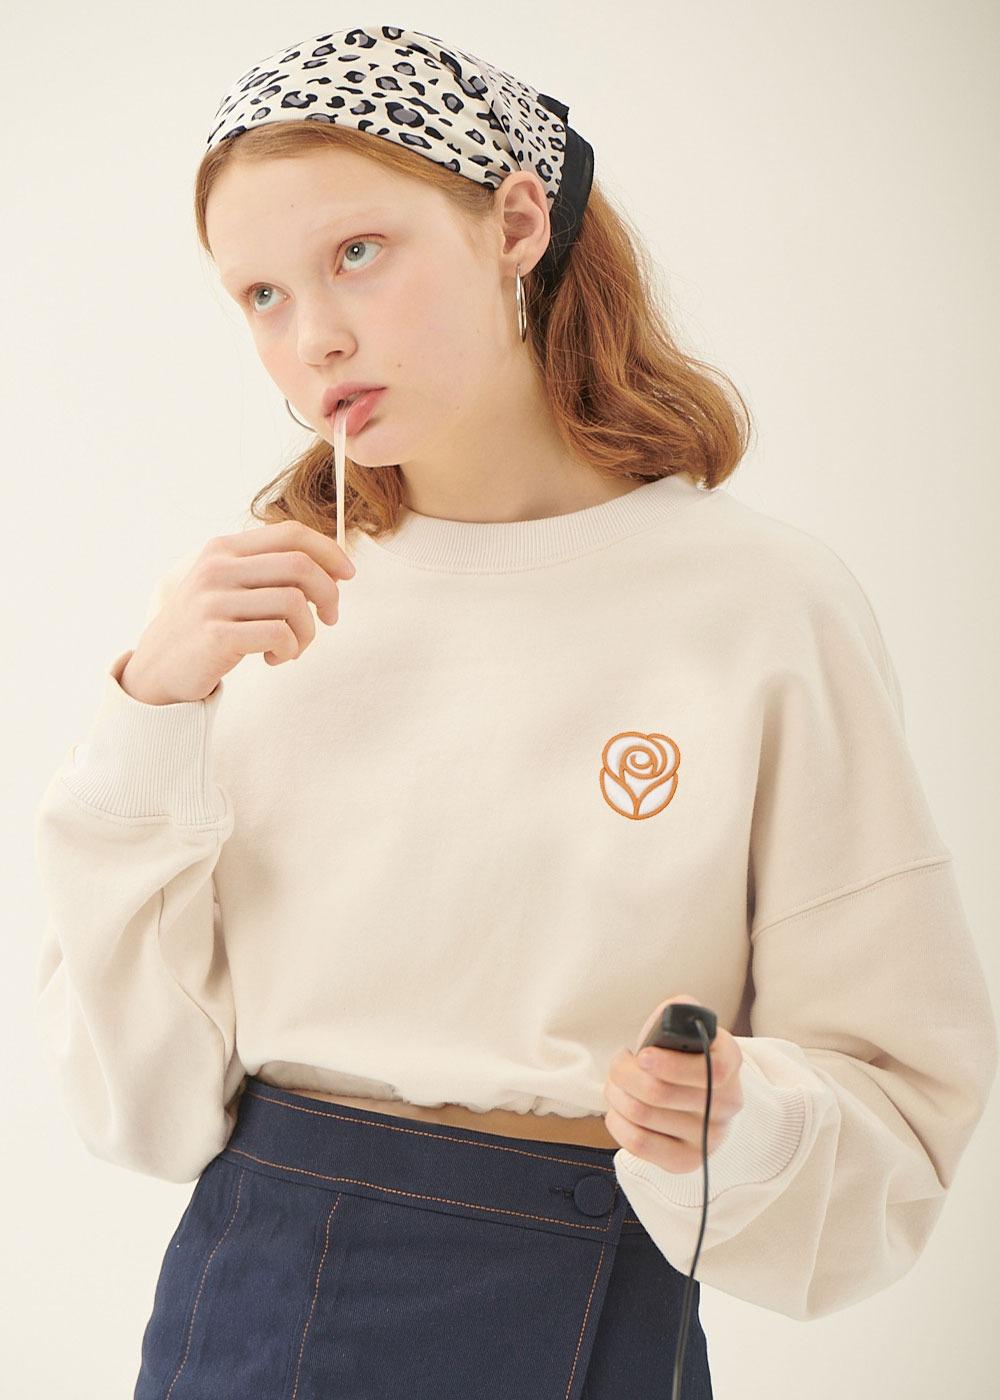 [배우 강민아, 위클리 신지윤 착용] Essential Rose Crop Sweatshirt [CREAM][배우 강민아, 위클리 신지윤 착용] Essential Rose Crop Sweatshirt [CREAM]자체브랜드